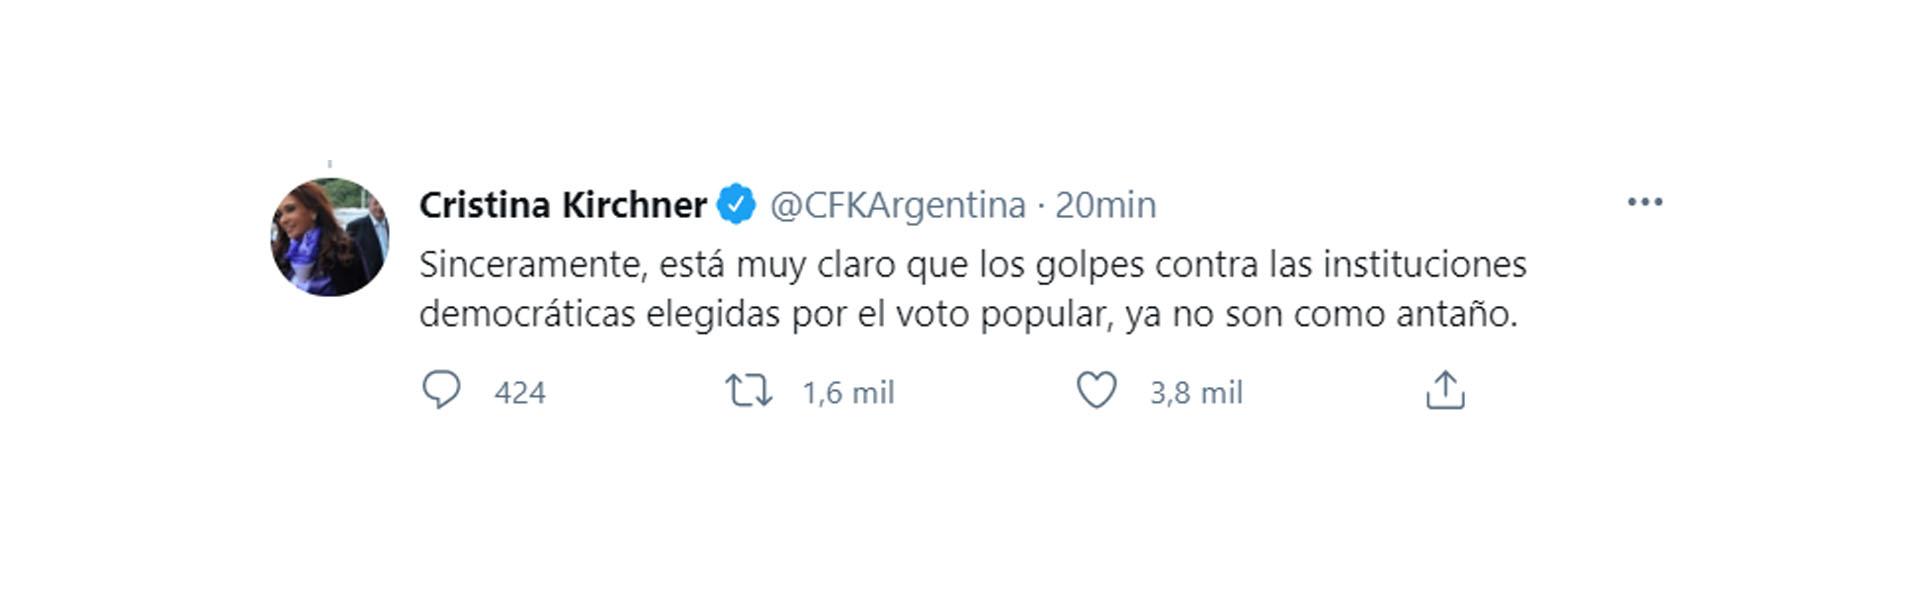 Uno de los mensajes de Cristina Kirchner tras el fallo de la Corte Suprema de Justicia (Twitter)